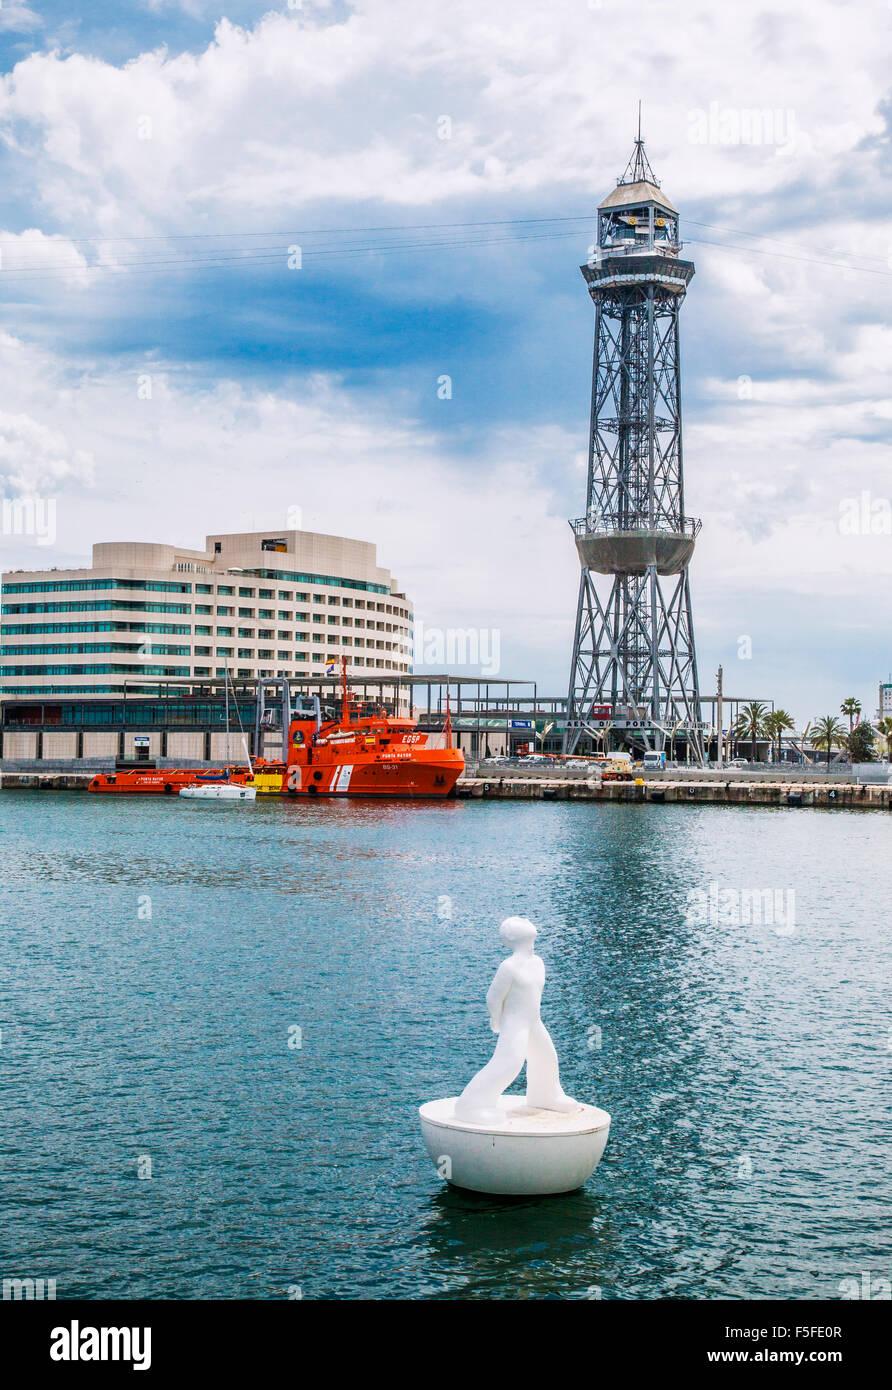 Spain, Catalonia, Barcelona, Port Vell, Rambla del Mar, floating statue stargazer by sculptor Robert Llimos - Stock Image